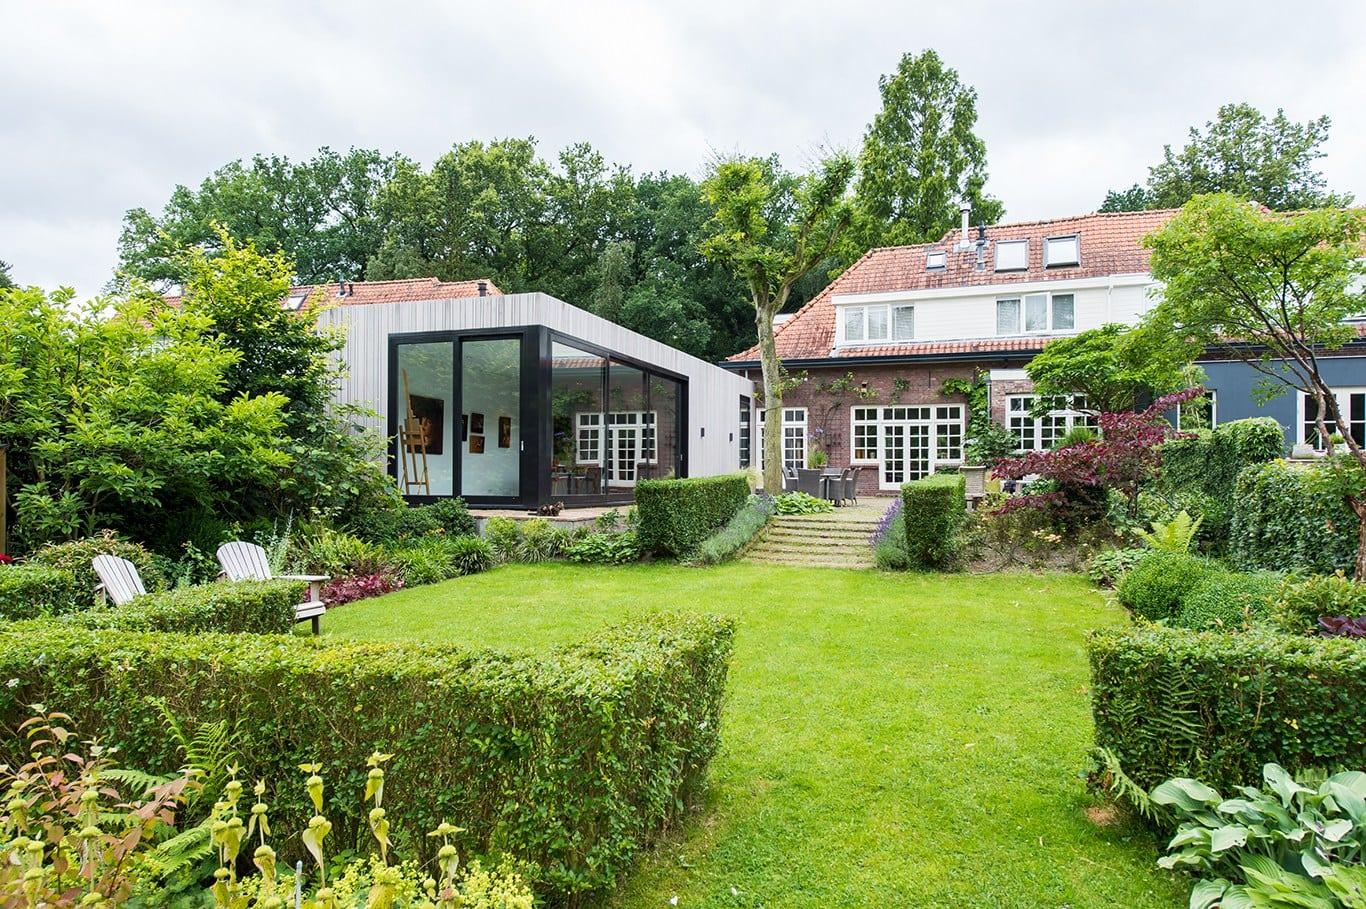 Atelier voor portretschilder in langwerpige aanbouw aan woonhuis in Breda